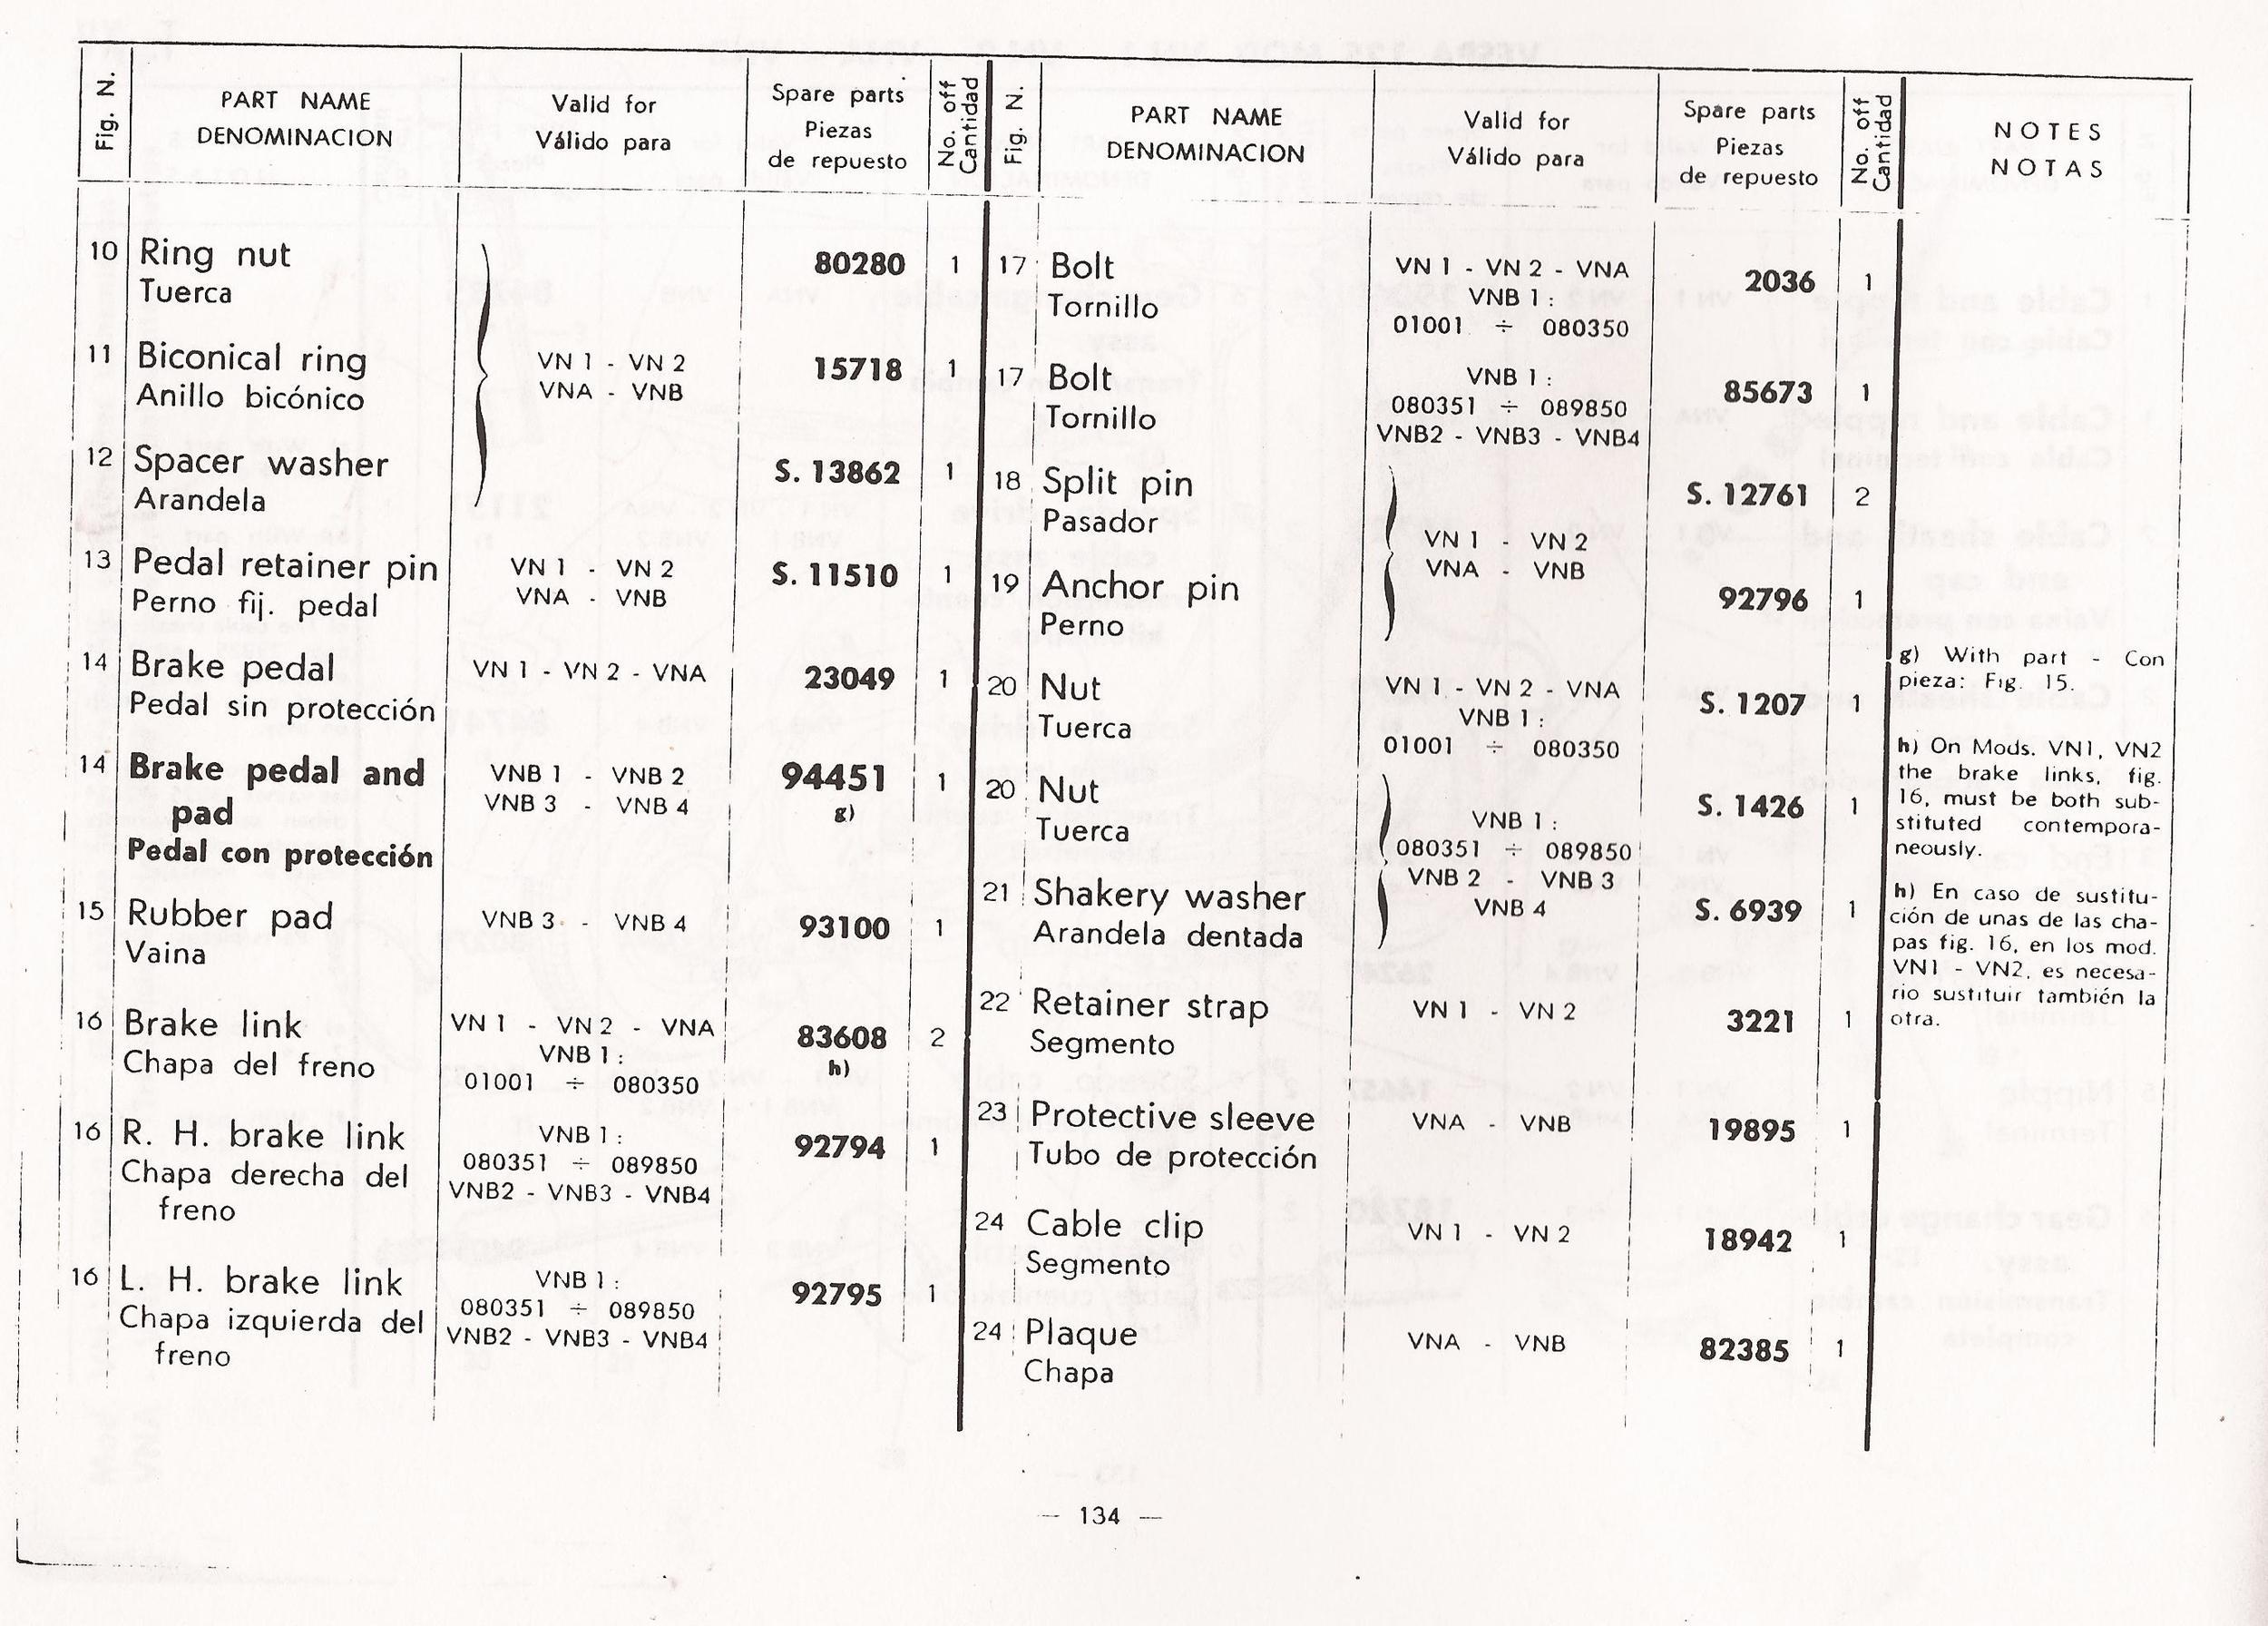 07-16-2013 vespa 125 catalog manuel 145.jpg